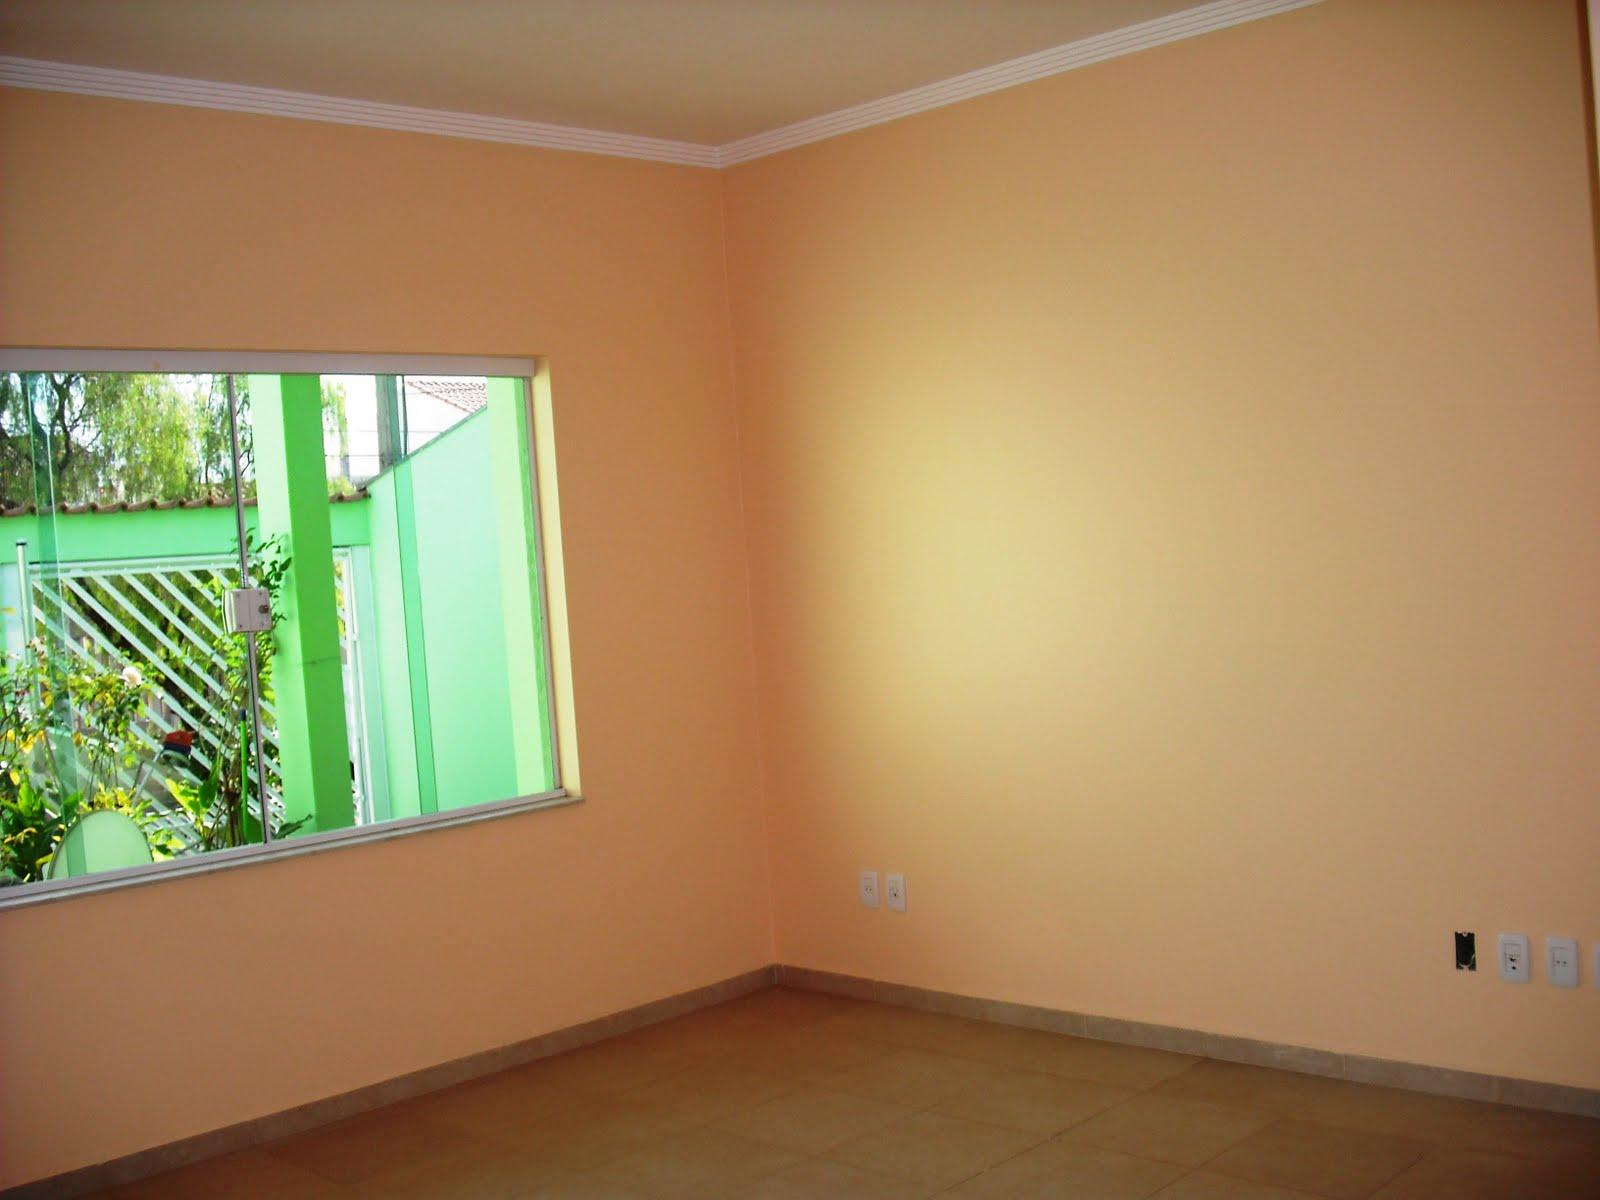 #2C9F57 DE NEGÓCIOS: Sala Piso porcelanato 3 ambs janela de vidro  250 Janelas De Vidro Pra Sala